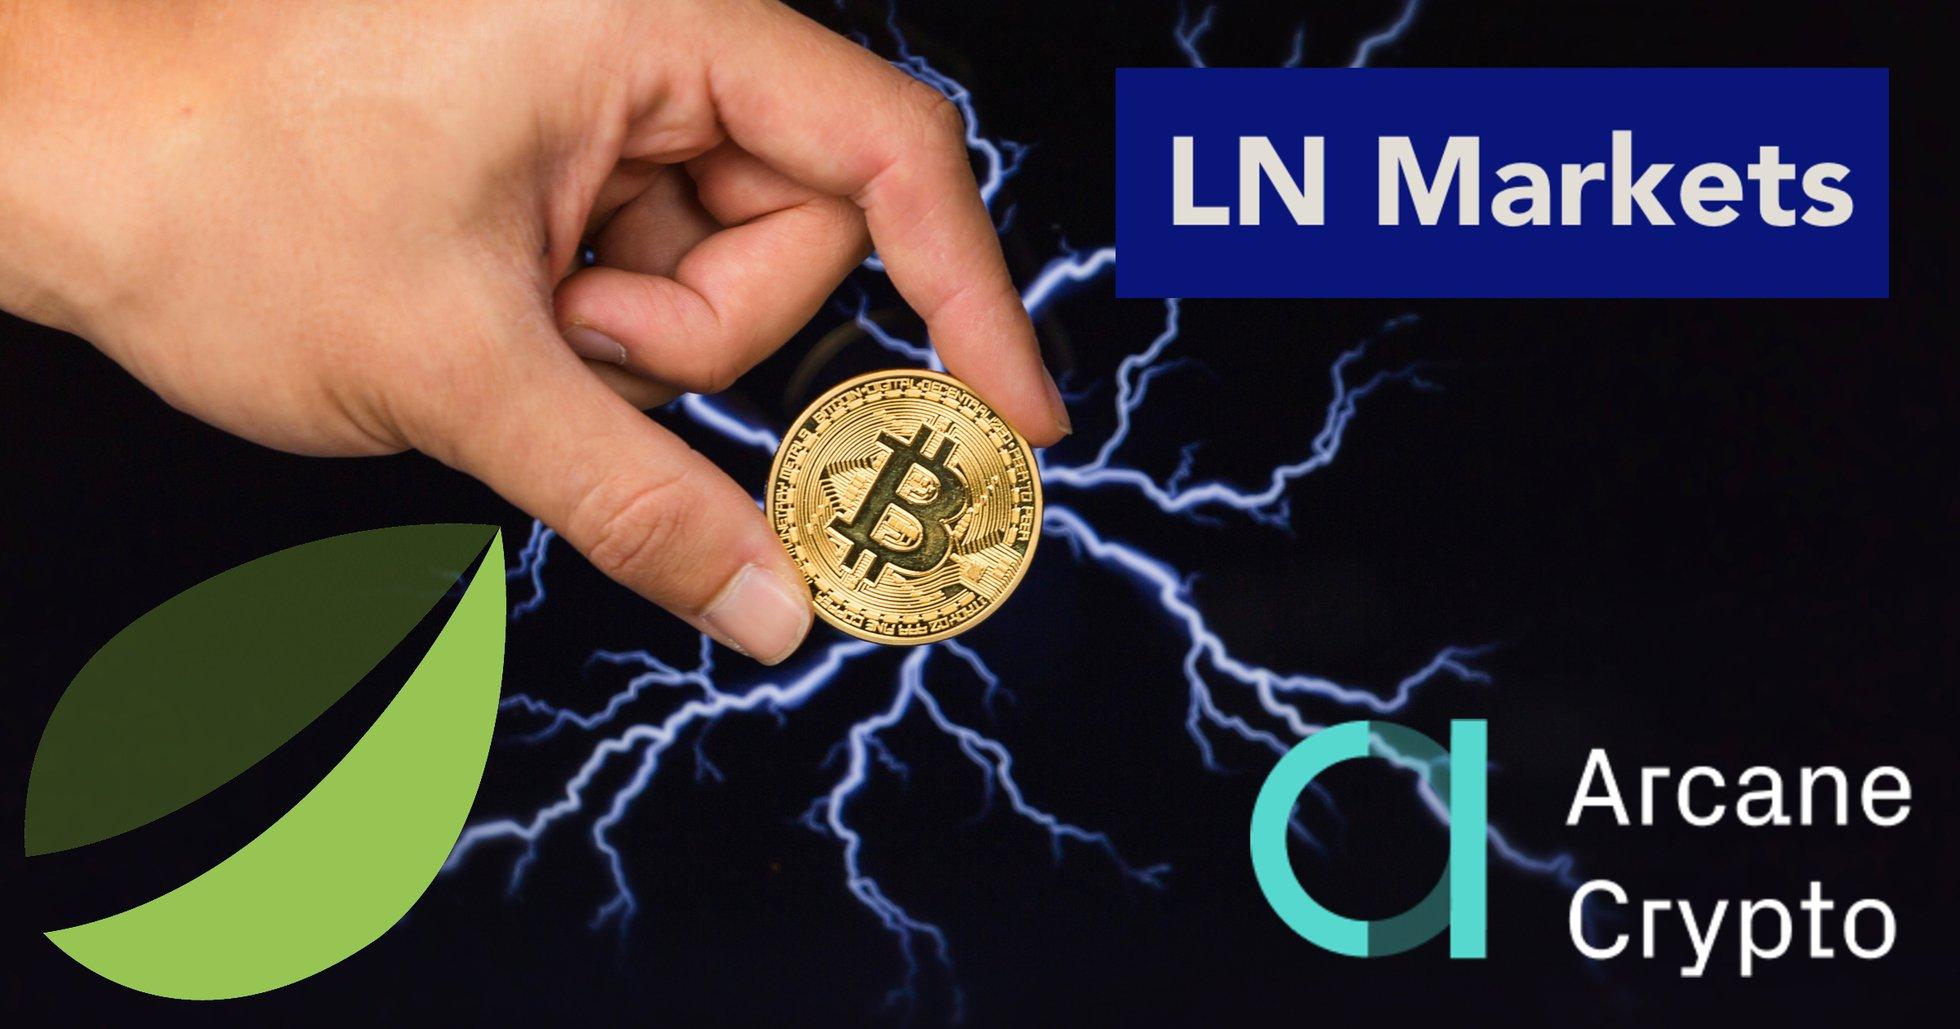 Arcane Crypto investerar i lightning network-börs – tillsammans med Bitfinex.